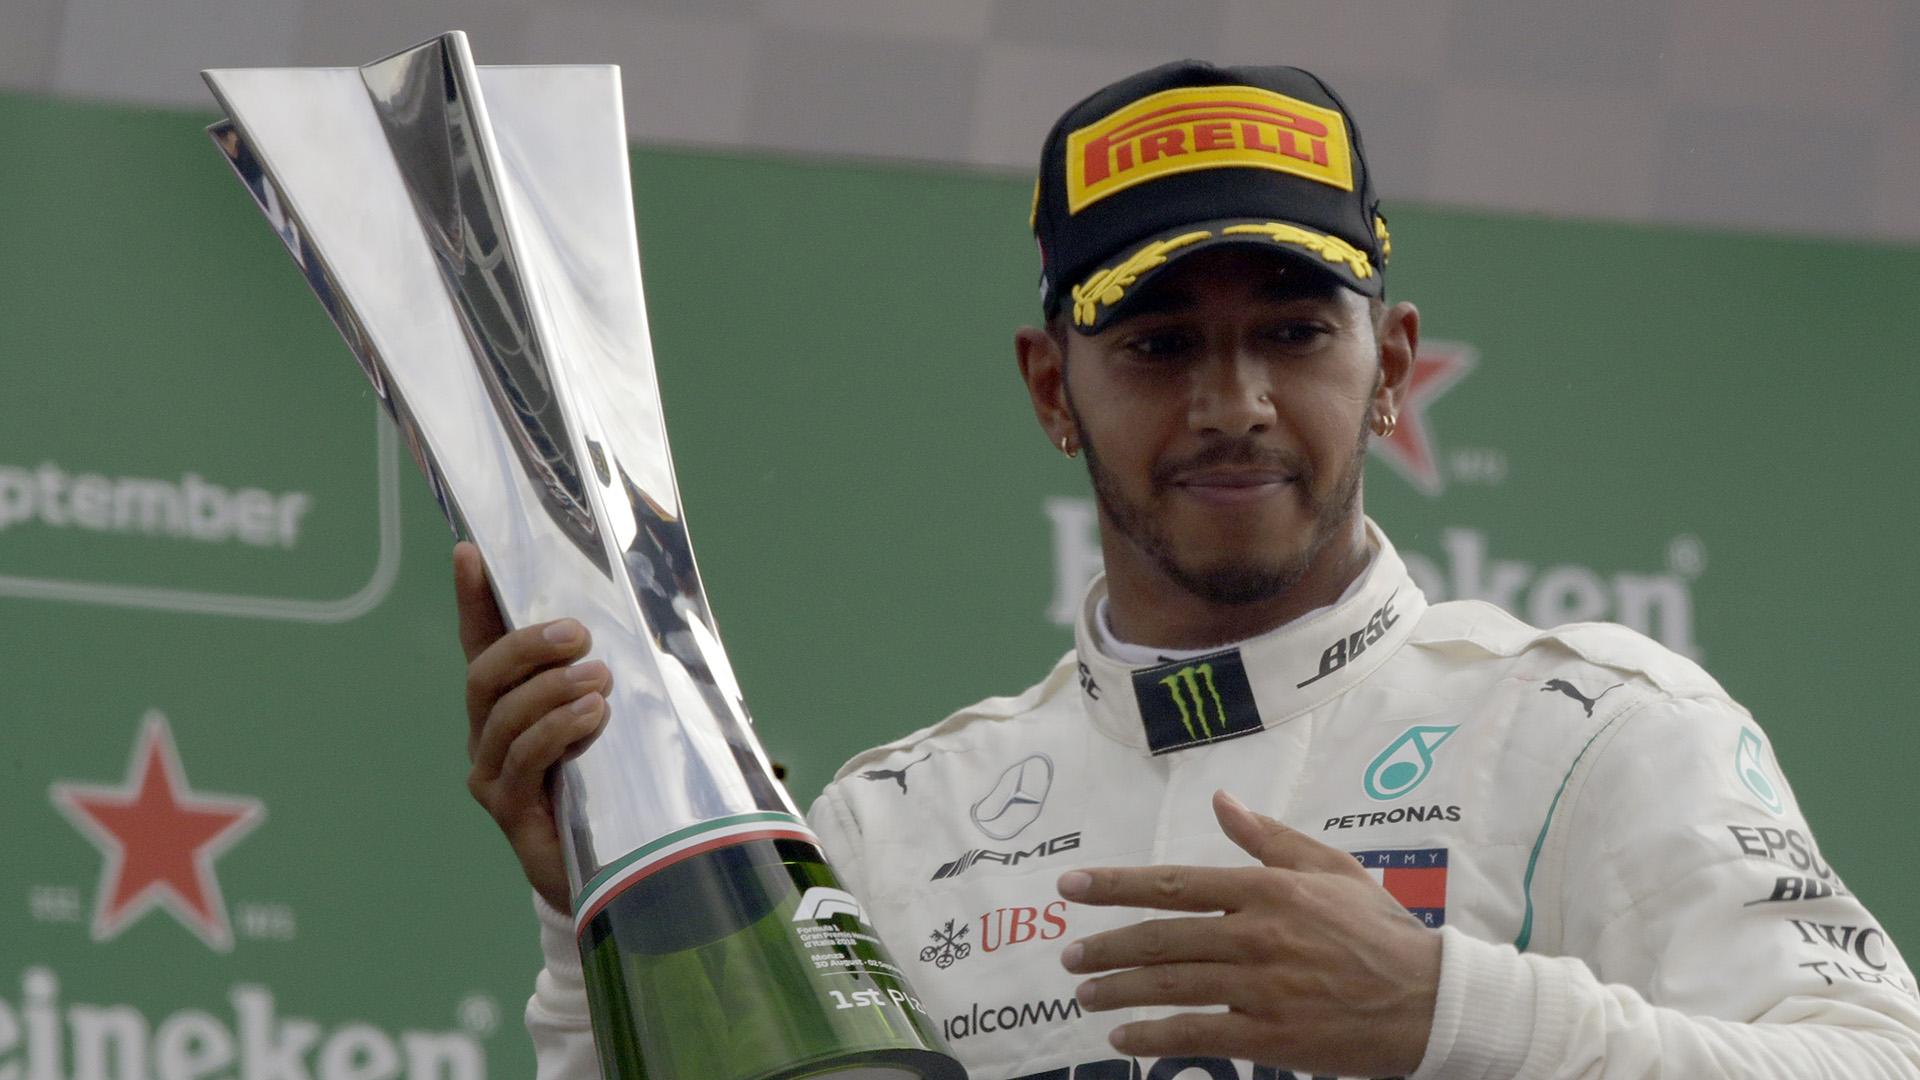 Hamilton podrá ser campeón en la próxima carrera (AP)